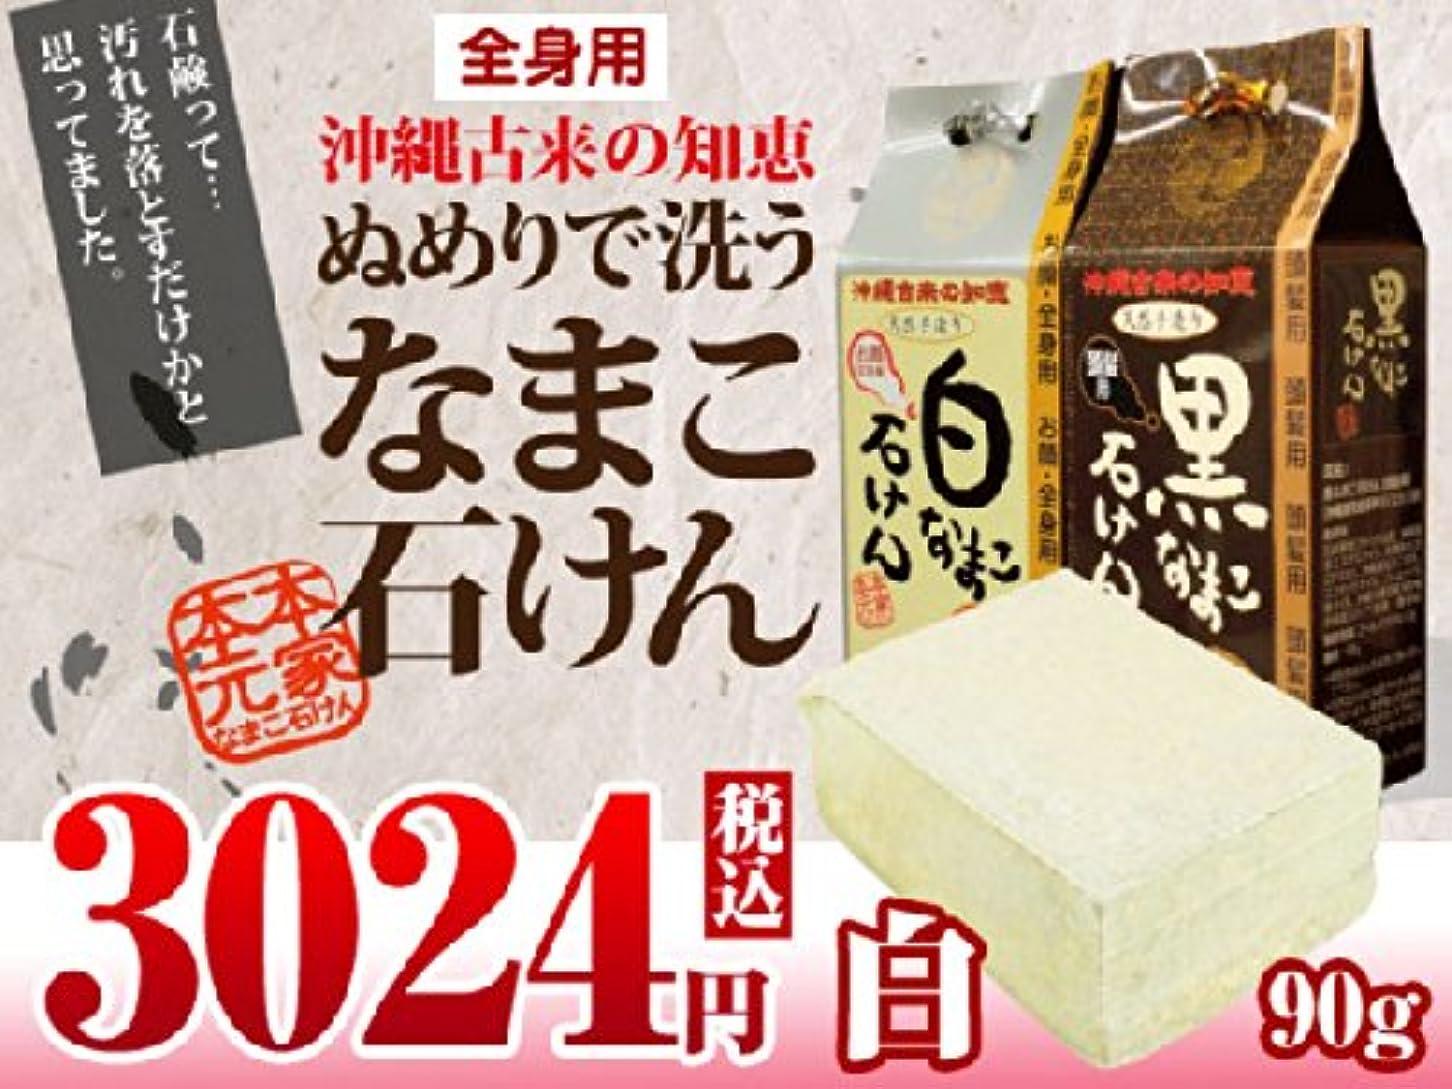 家庭教師構築するチーフ白なまこ石けん 箱入り なまこ石鹸 90g【全身用】 コラーゲンのぬめりで洗う